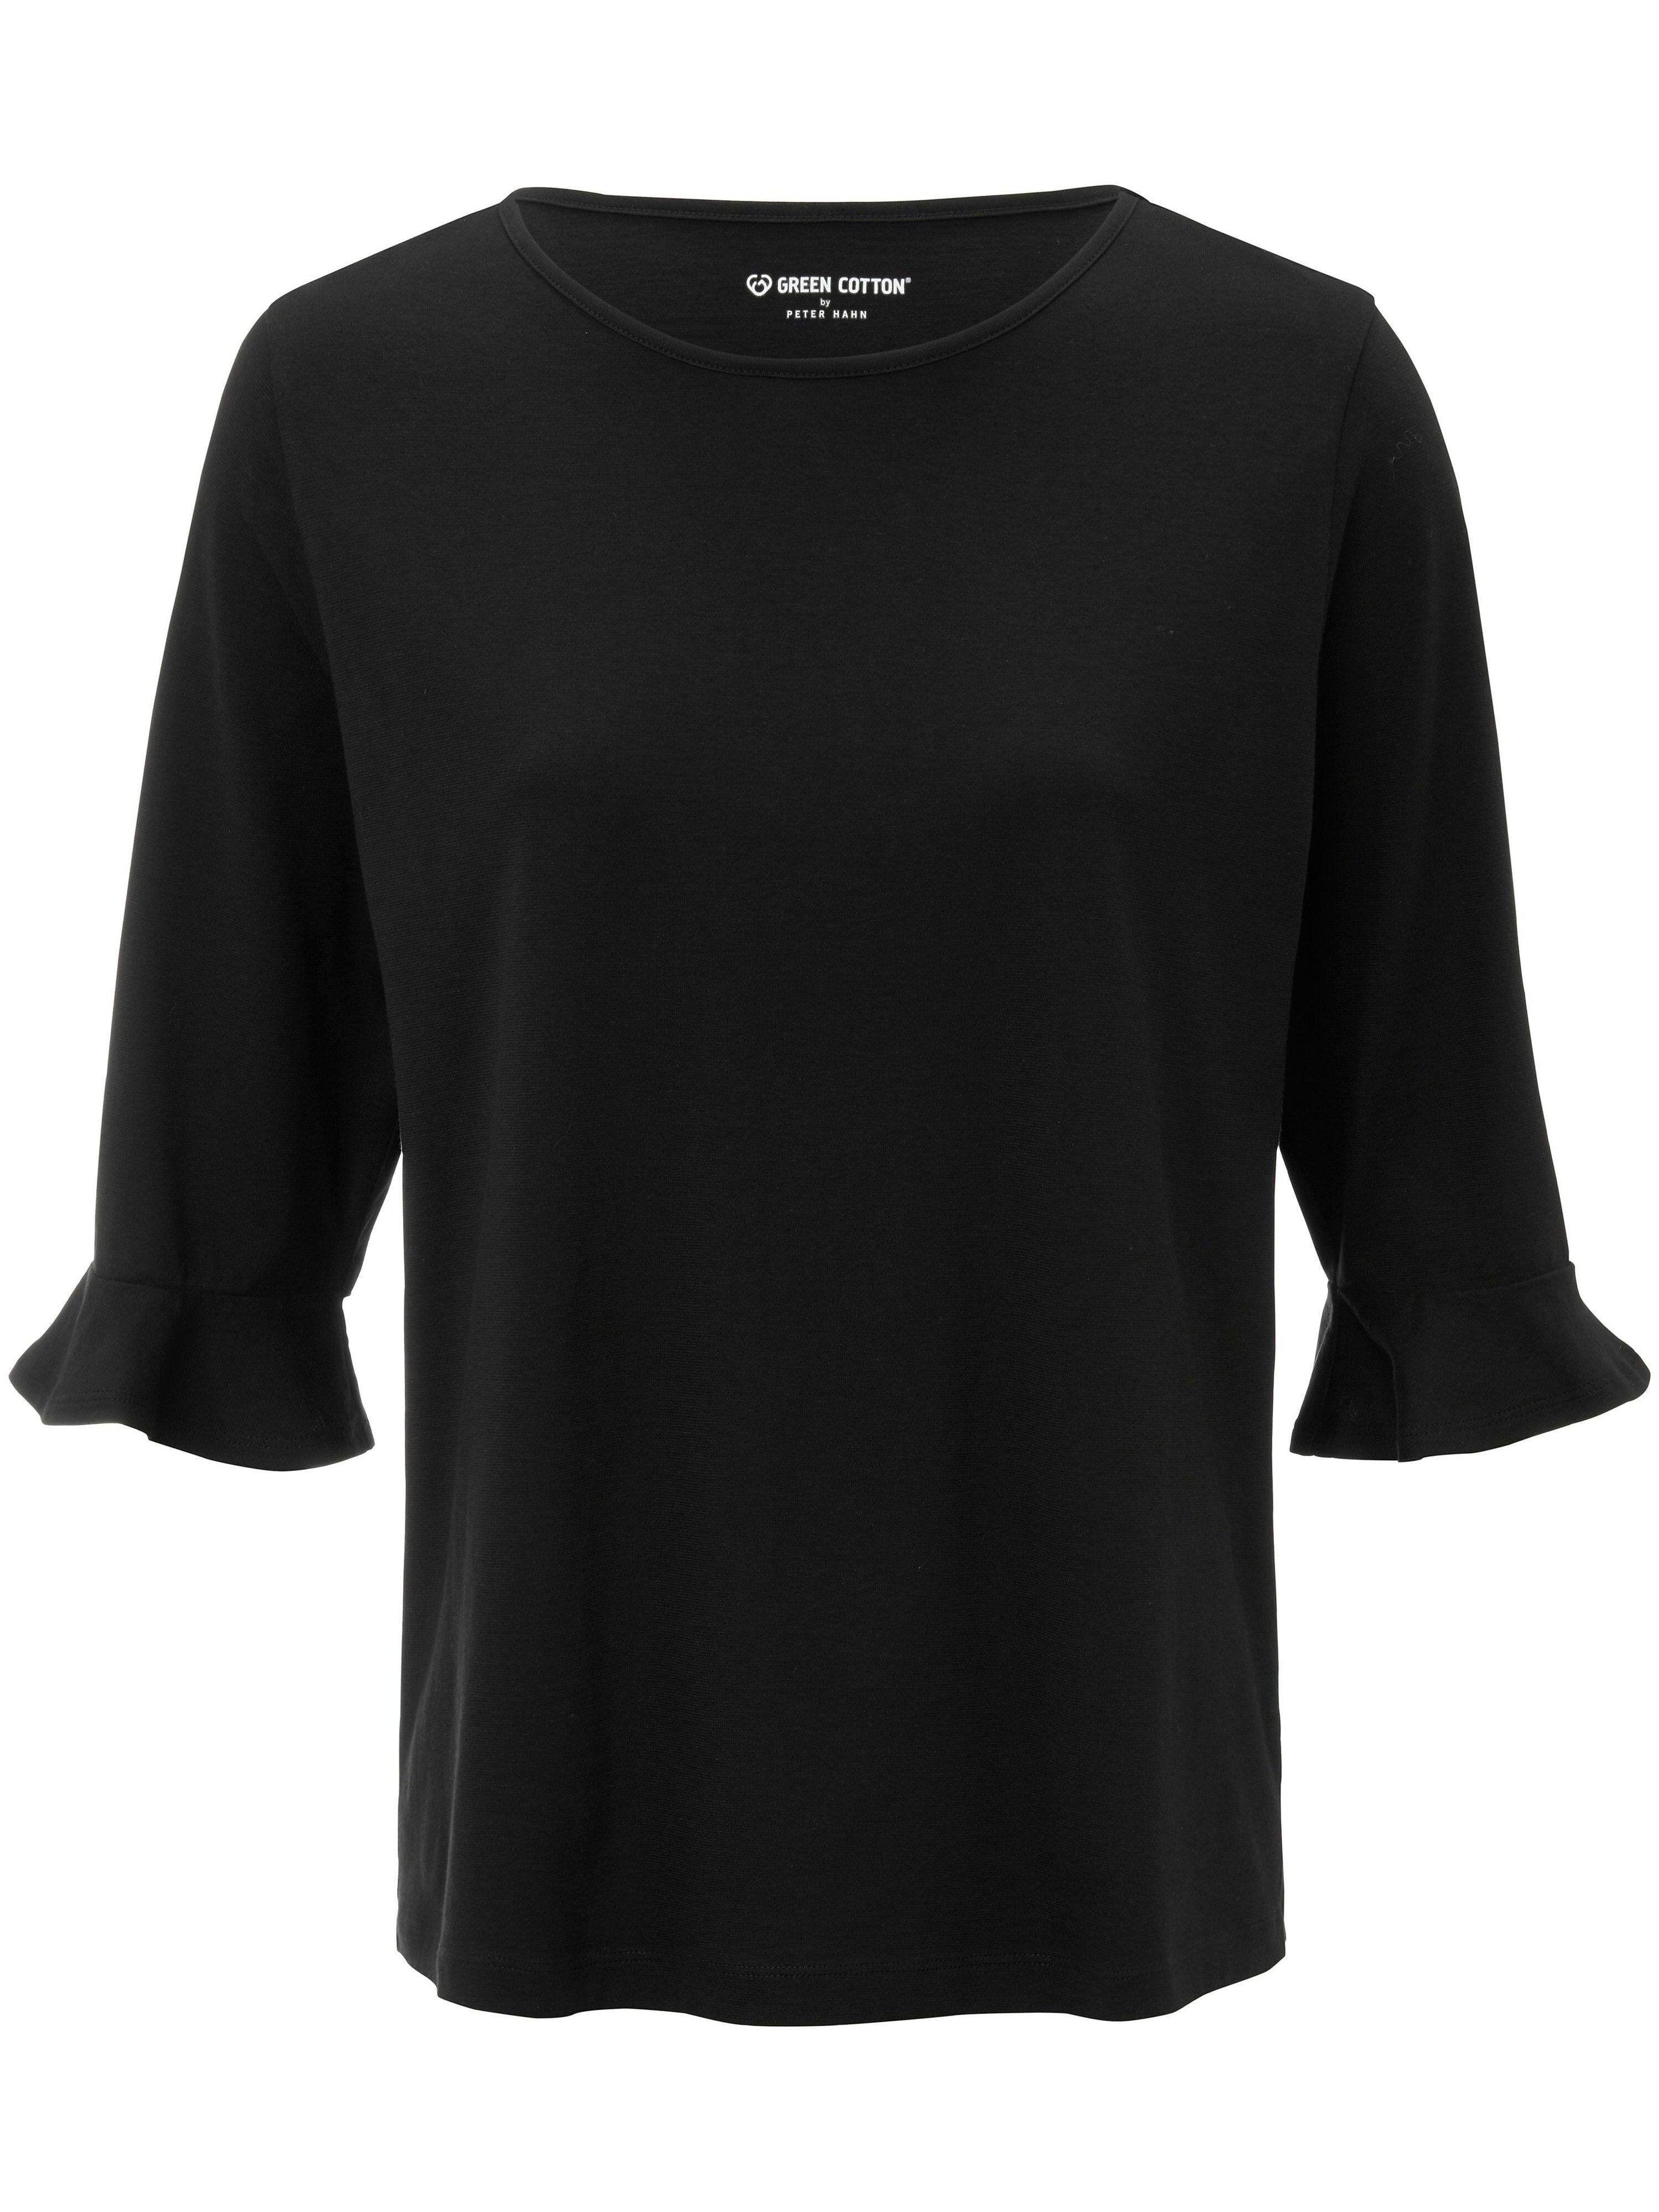 Green Cotton Le T-shirt 100% coton manches 3/4  Green Cotton noir  - Femme - 40